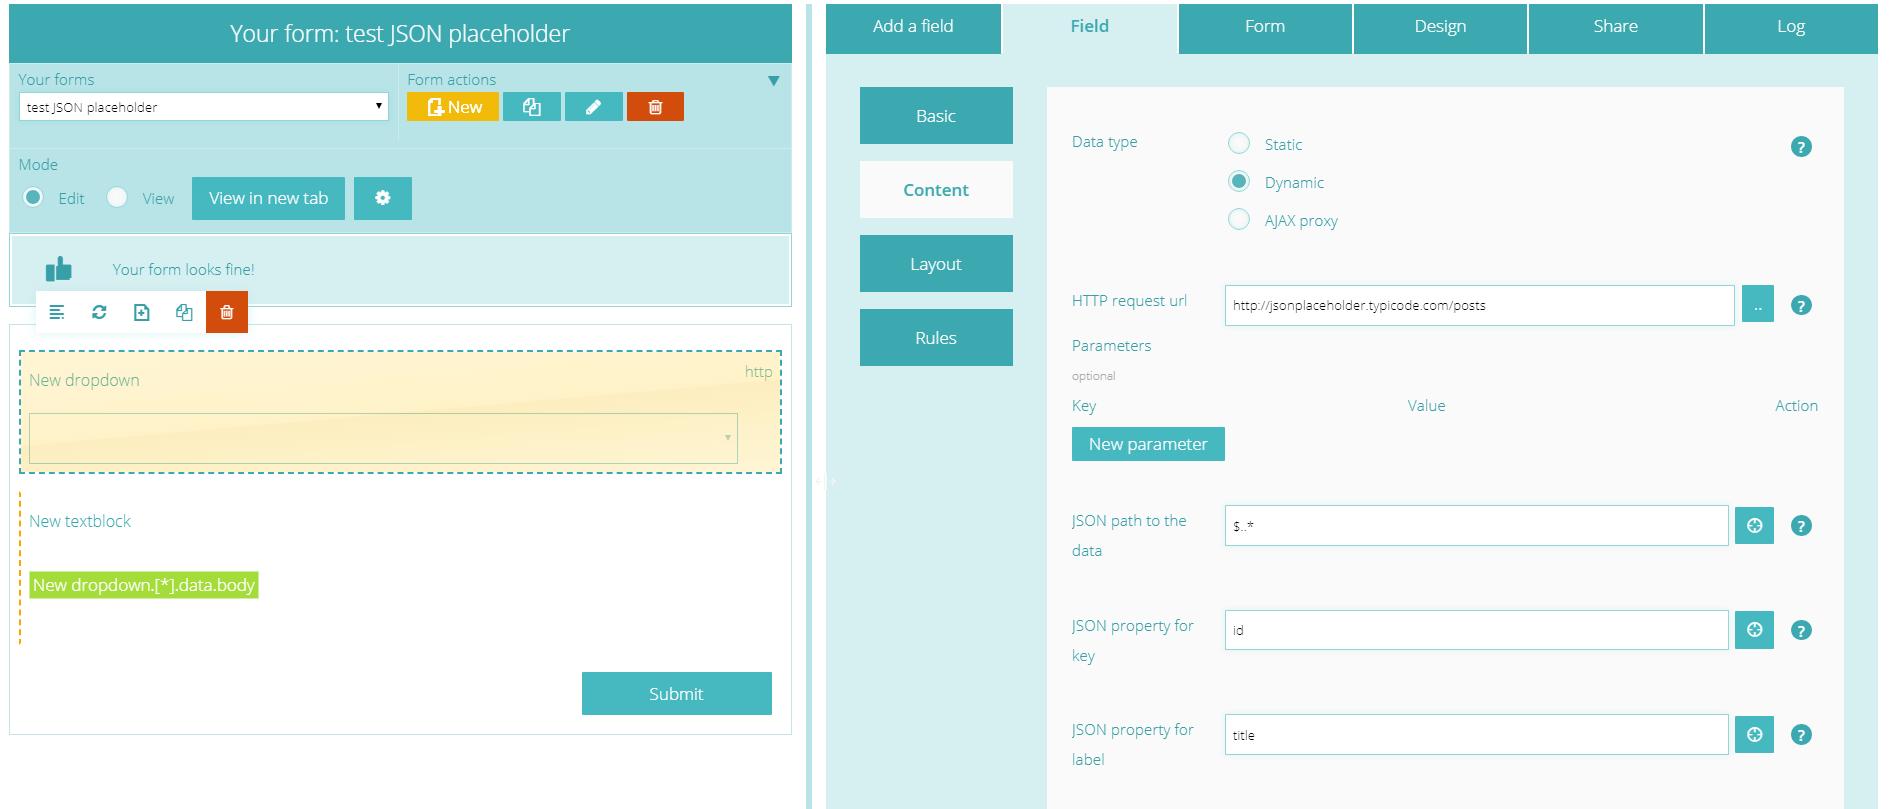 Datasets form